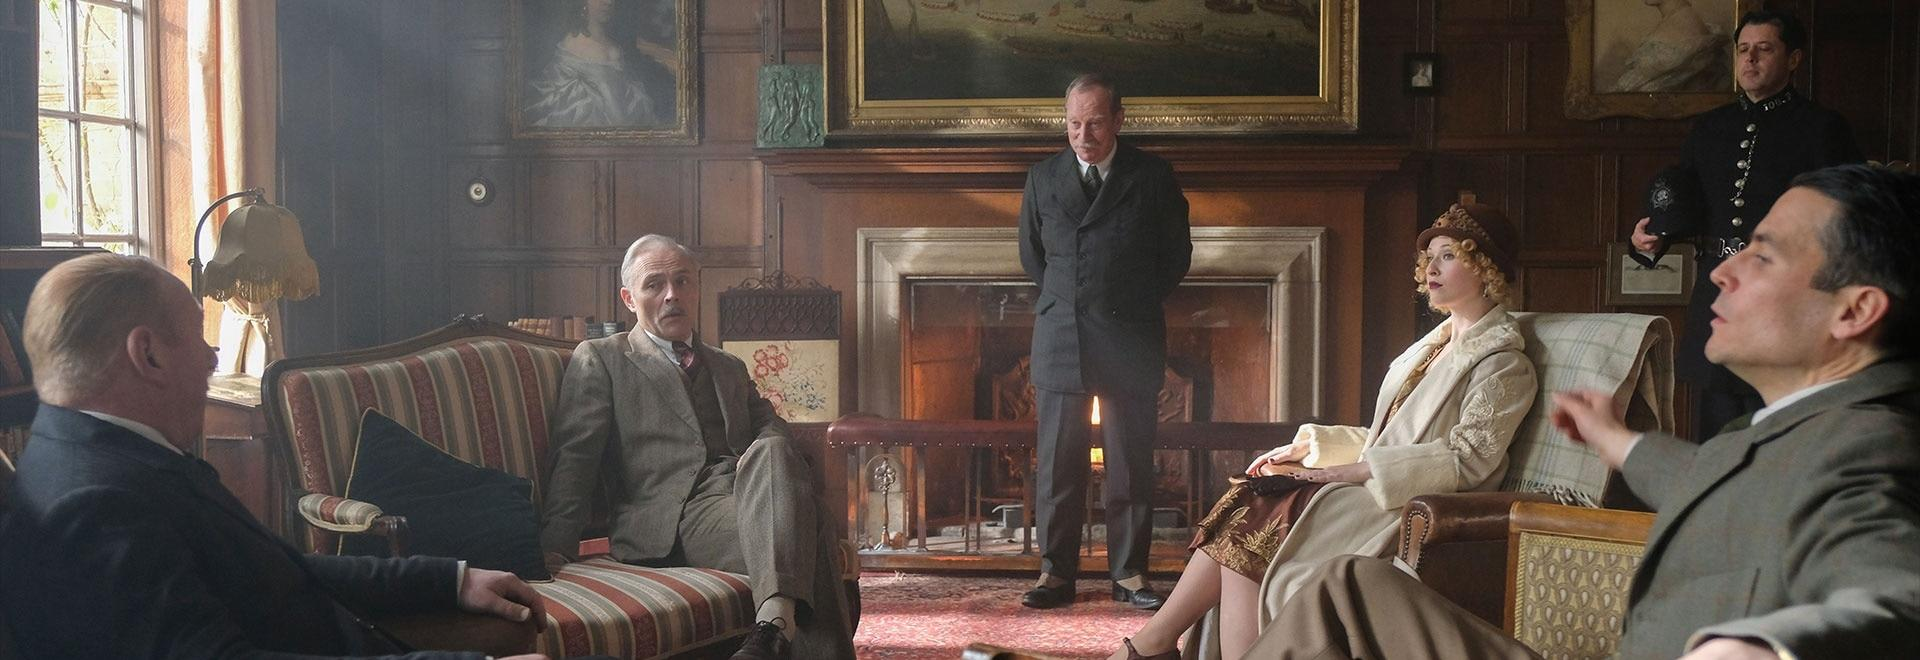 La misteriosa scomparsa di Agatha Christie